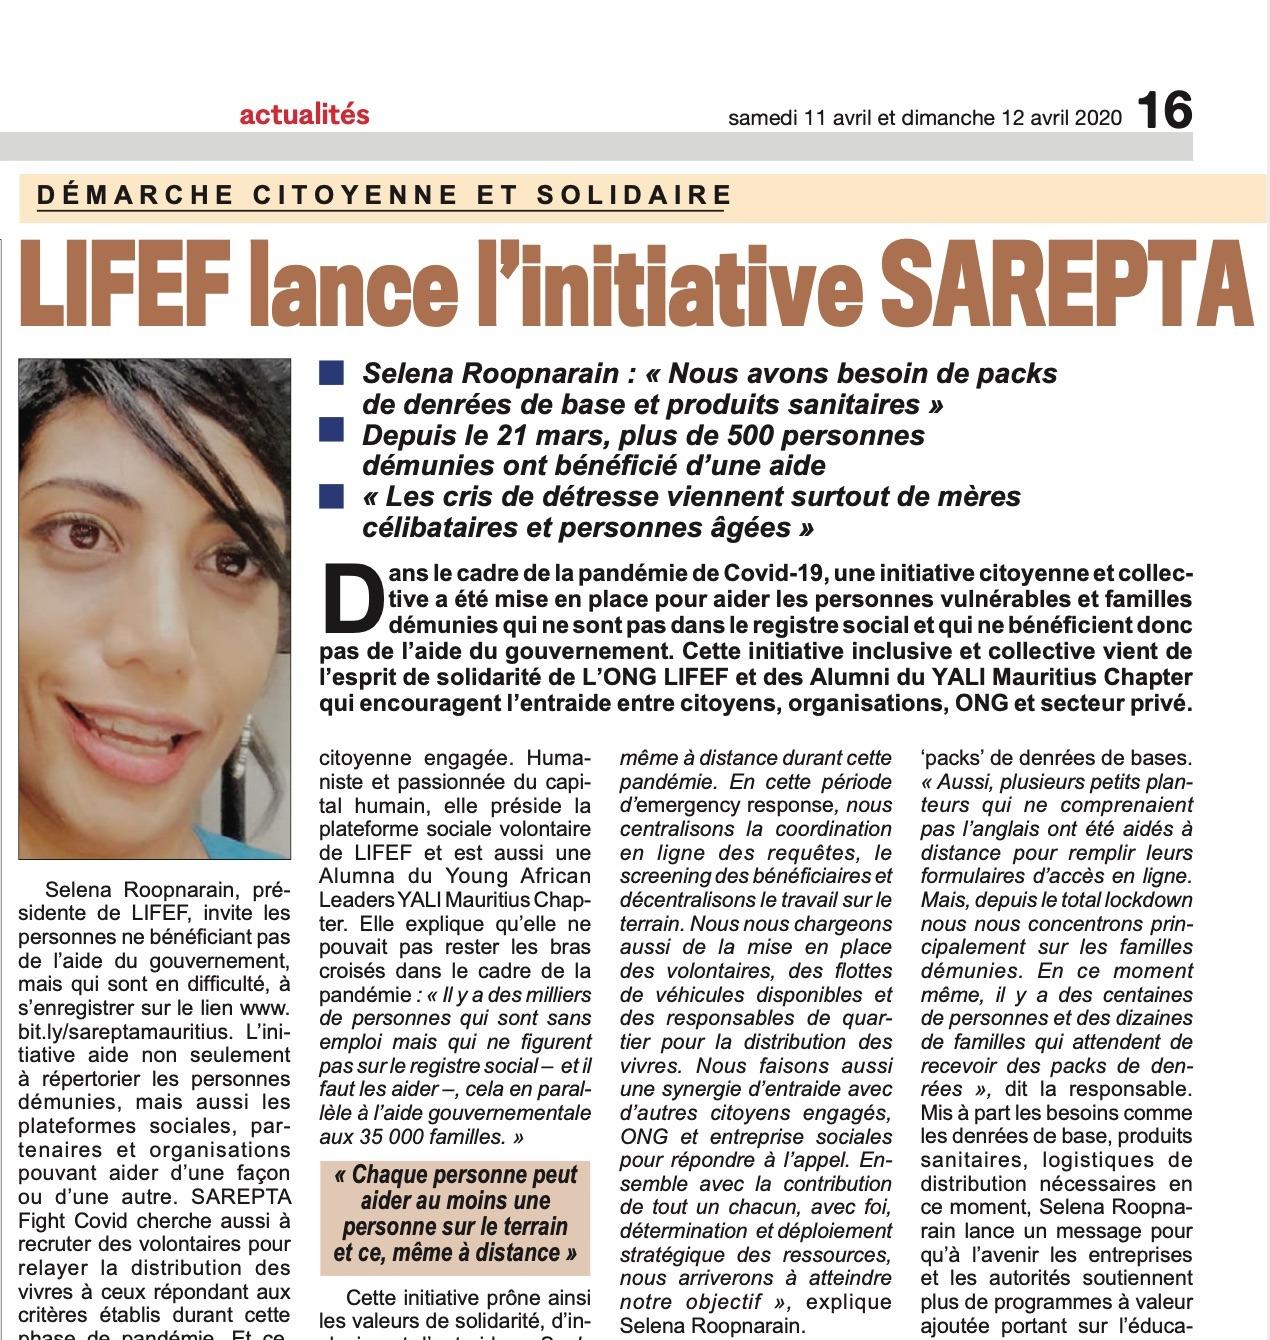 article week-end sarepta